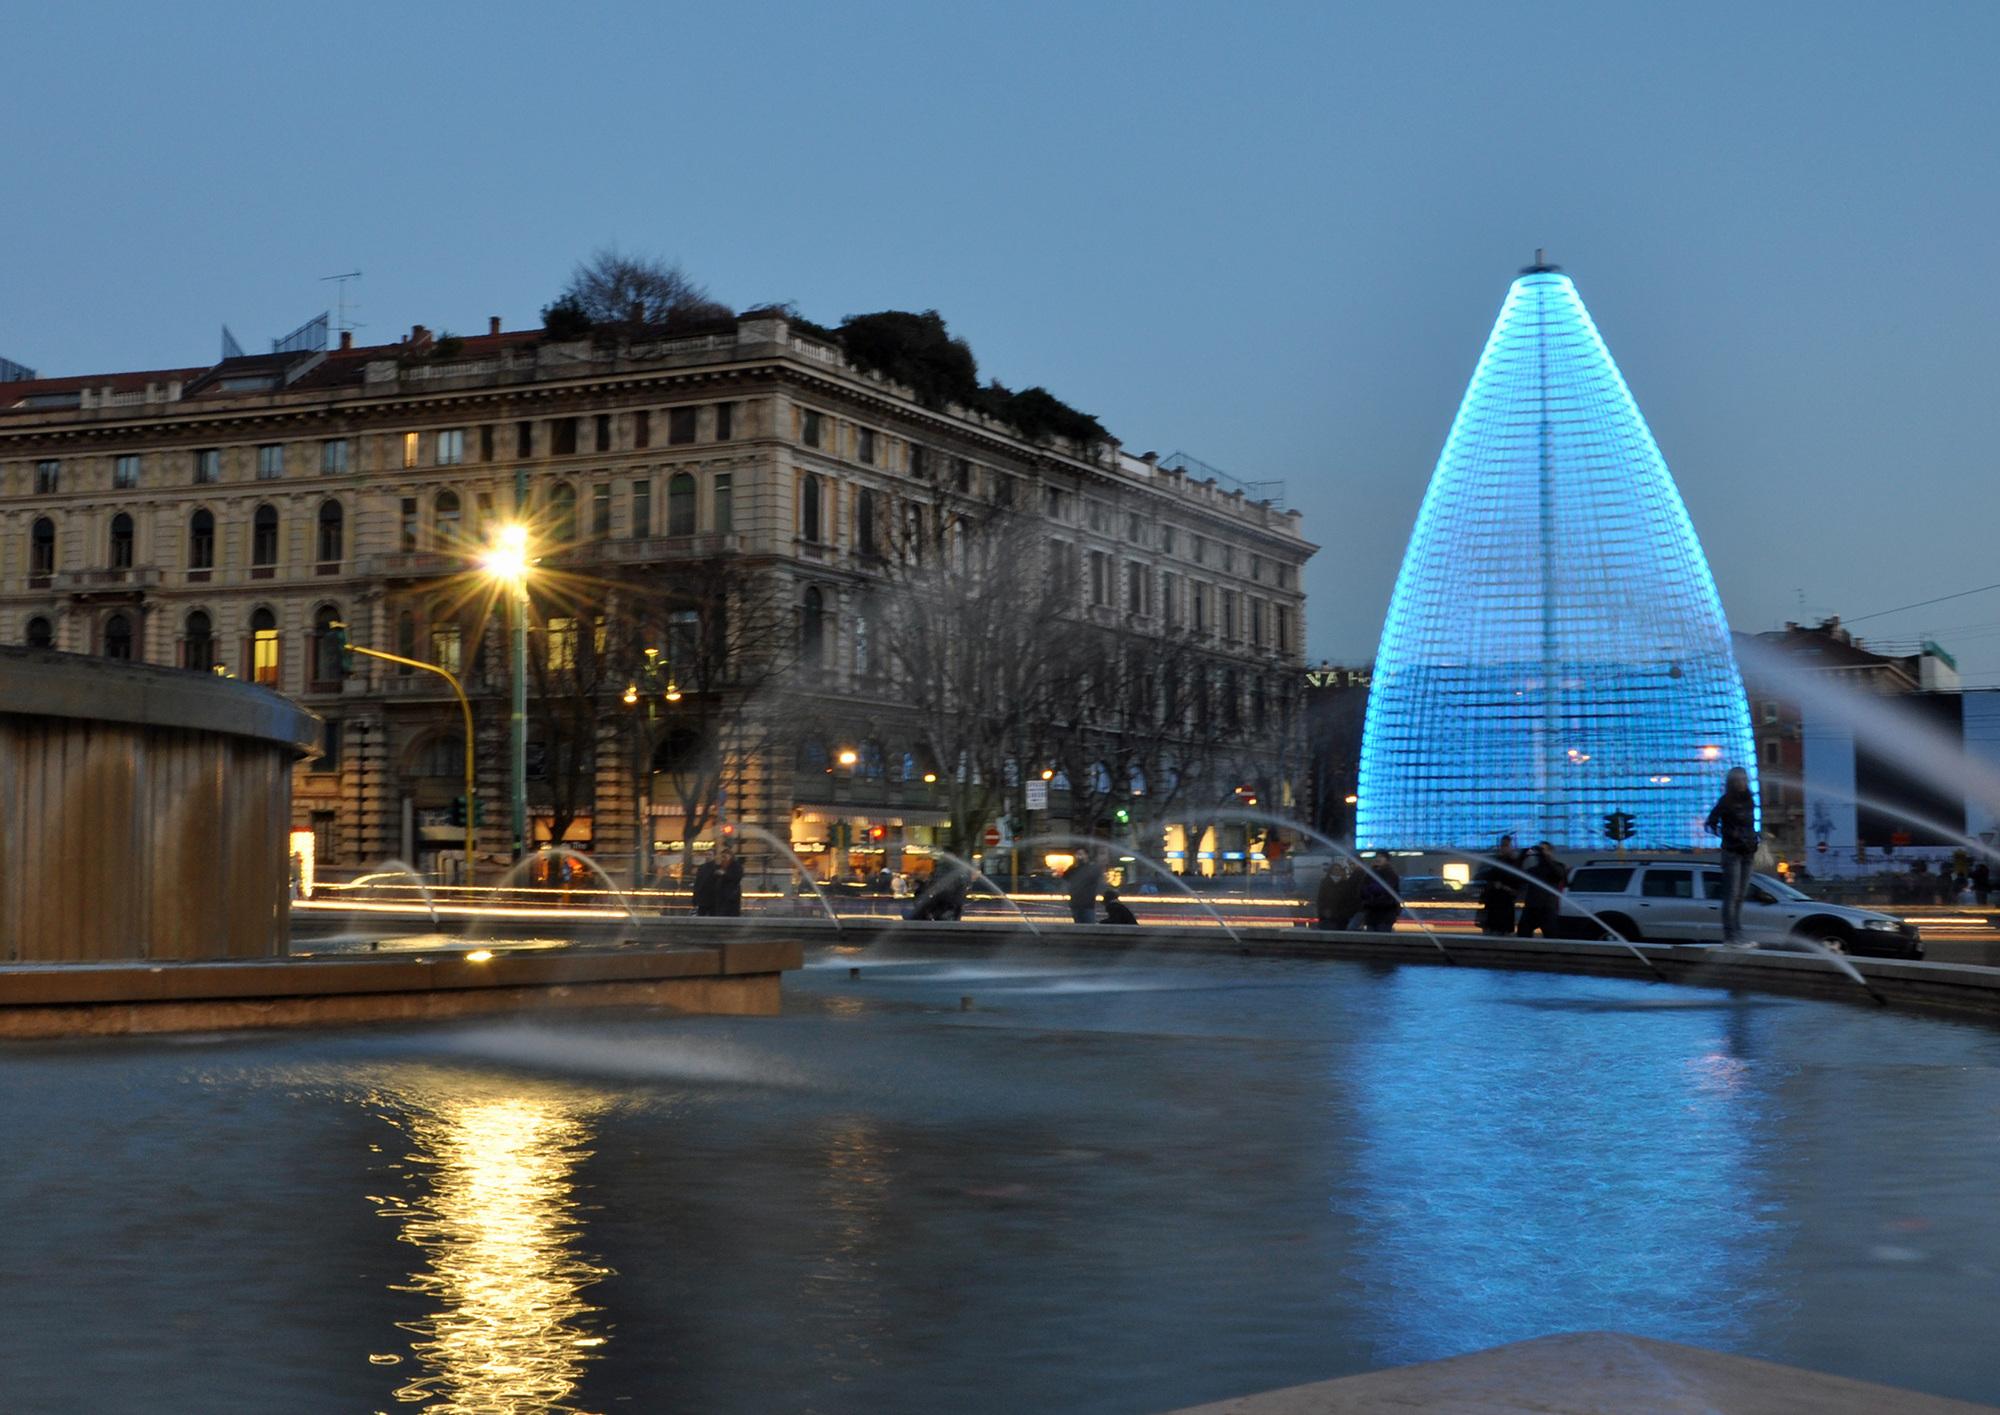 Antonio Barrese: Albero di Luce, 2009 - Installazione cinetica ambientale, 33 x 18 metri - Castello Sforzesco di Milano